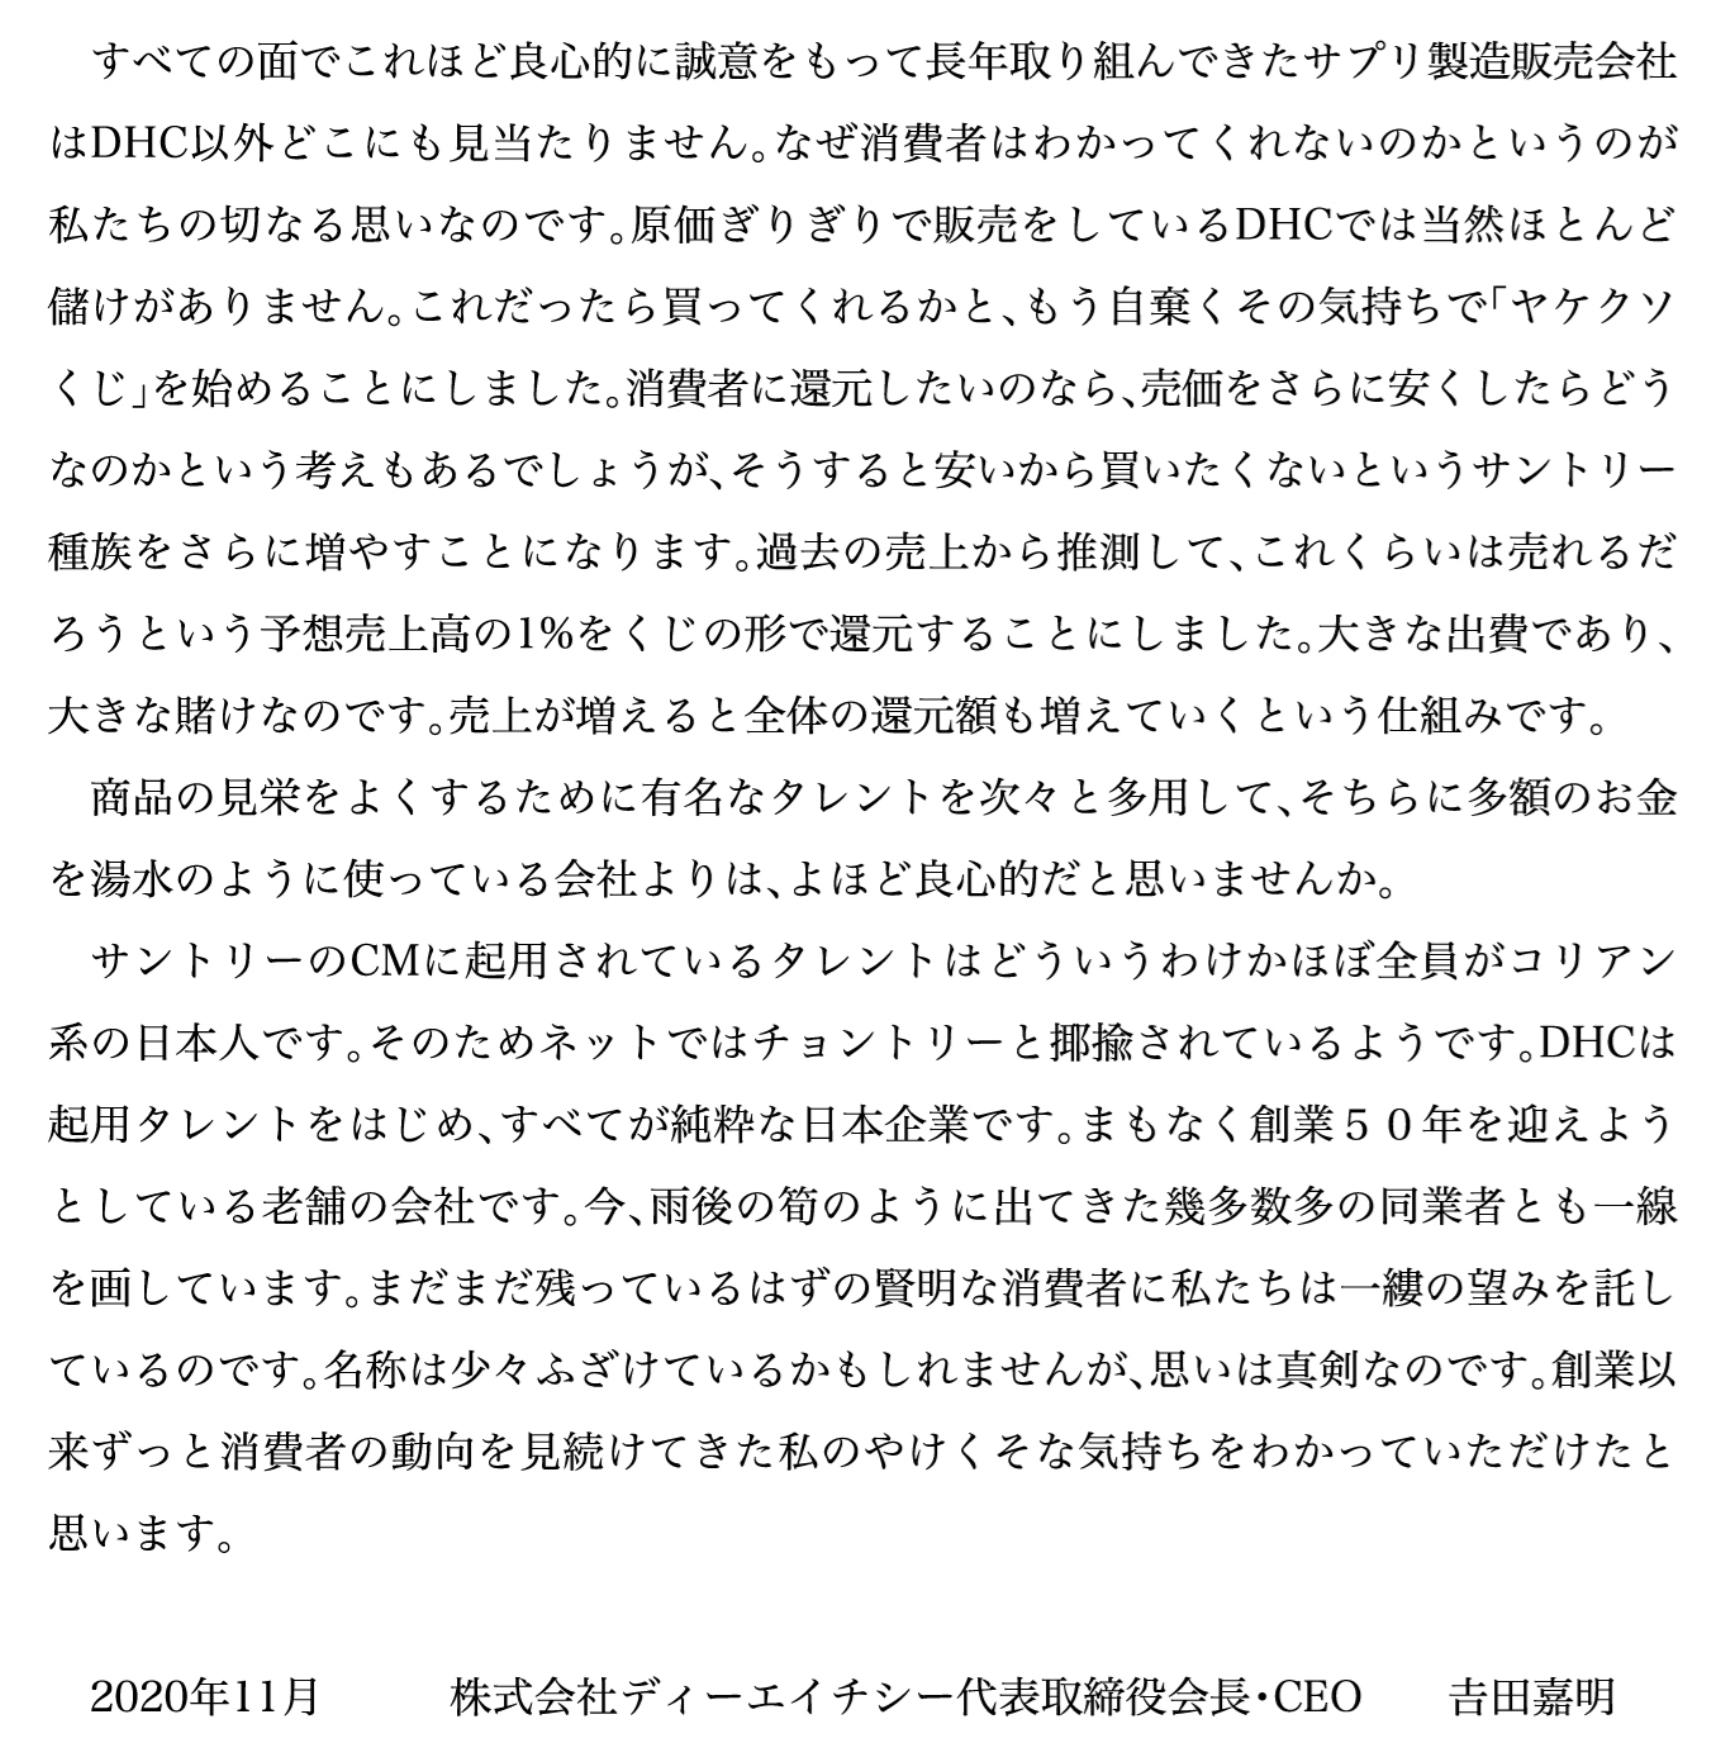 DHC会長のヤケクソくじの由来(3)